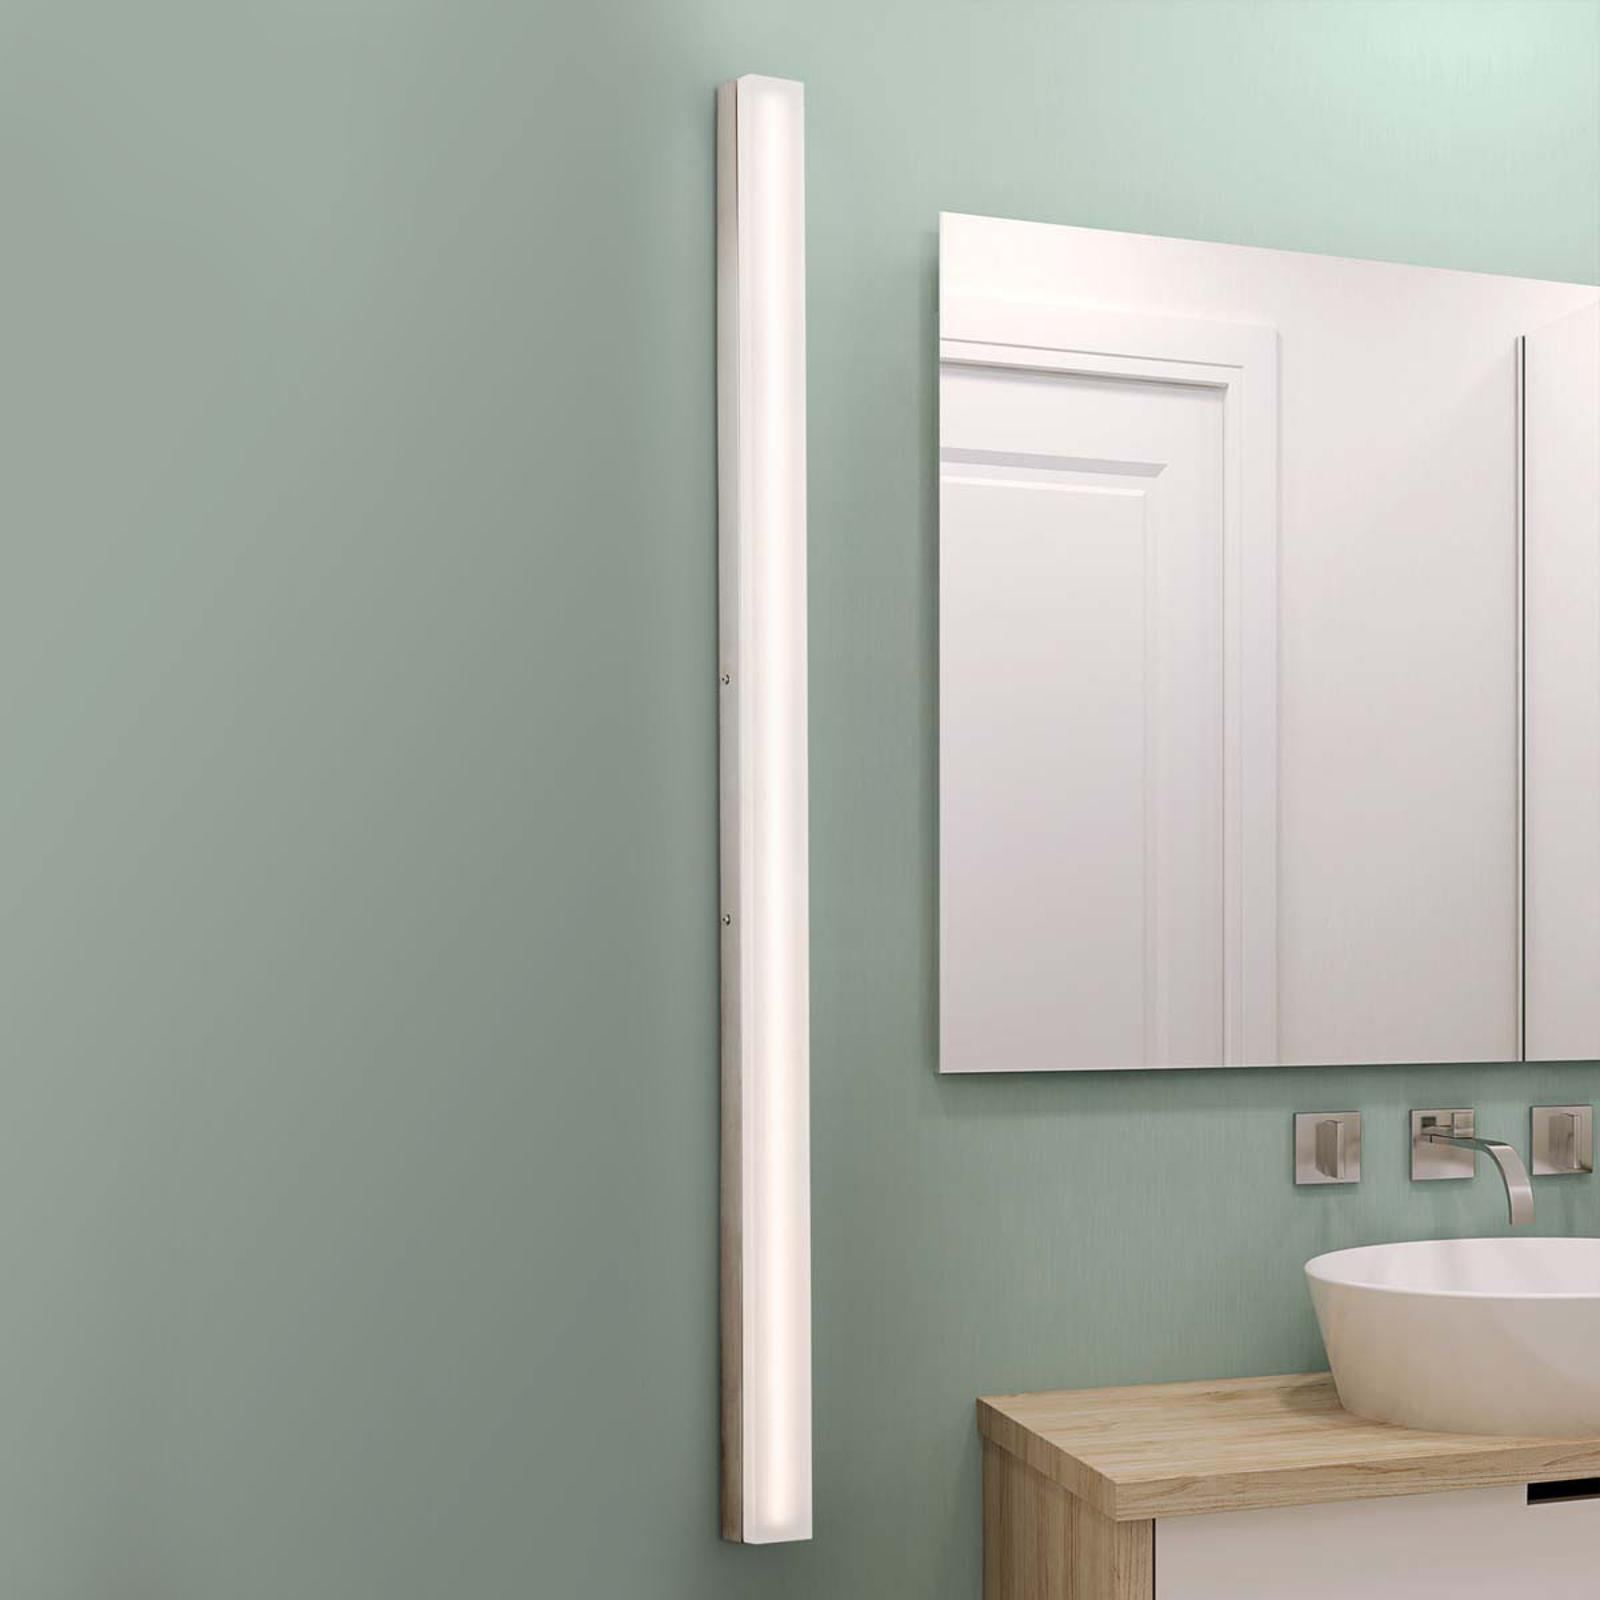 120 cm lange LED-Wandlampe Nane fürs Badezimmer kaufen